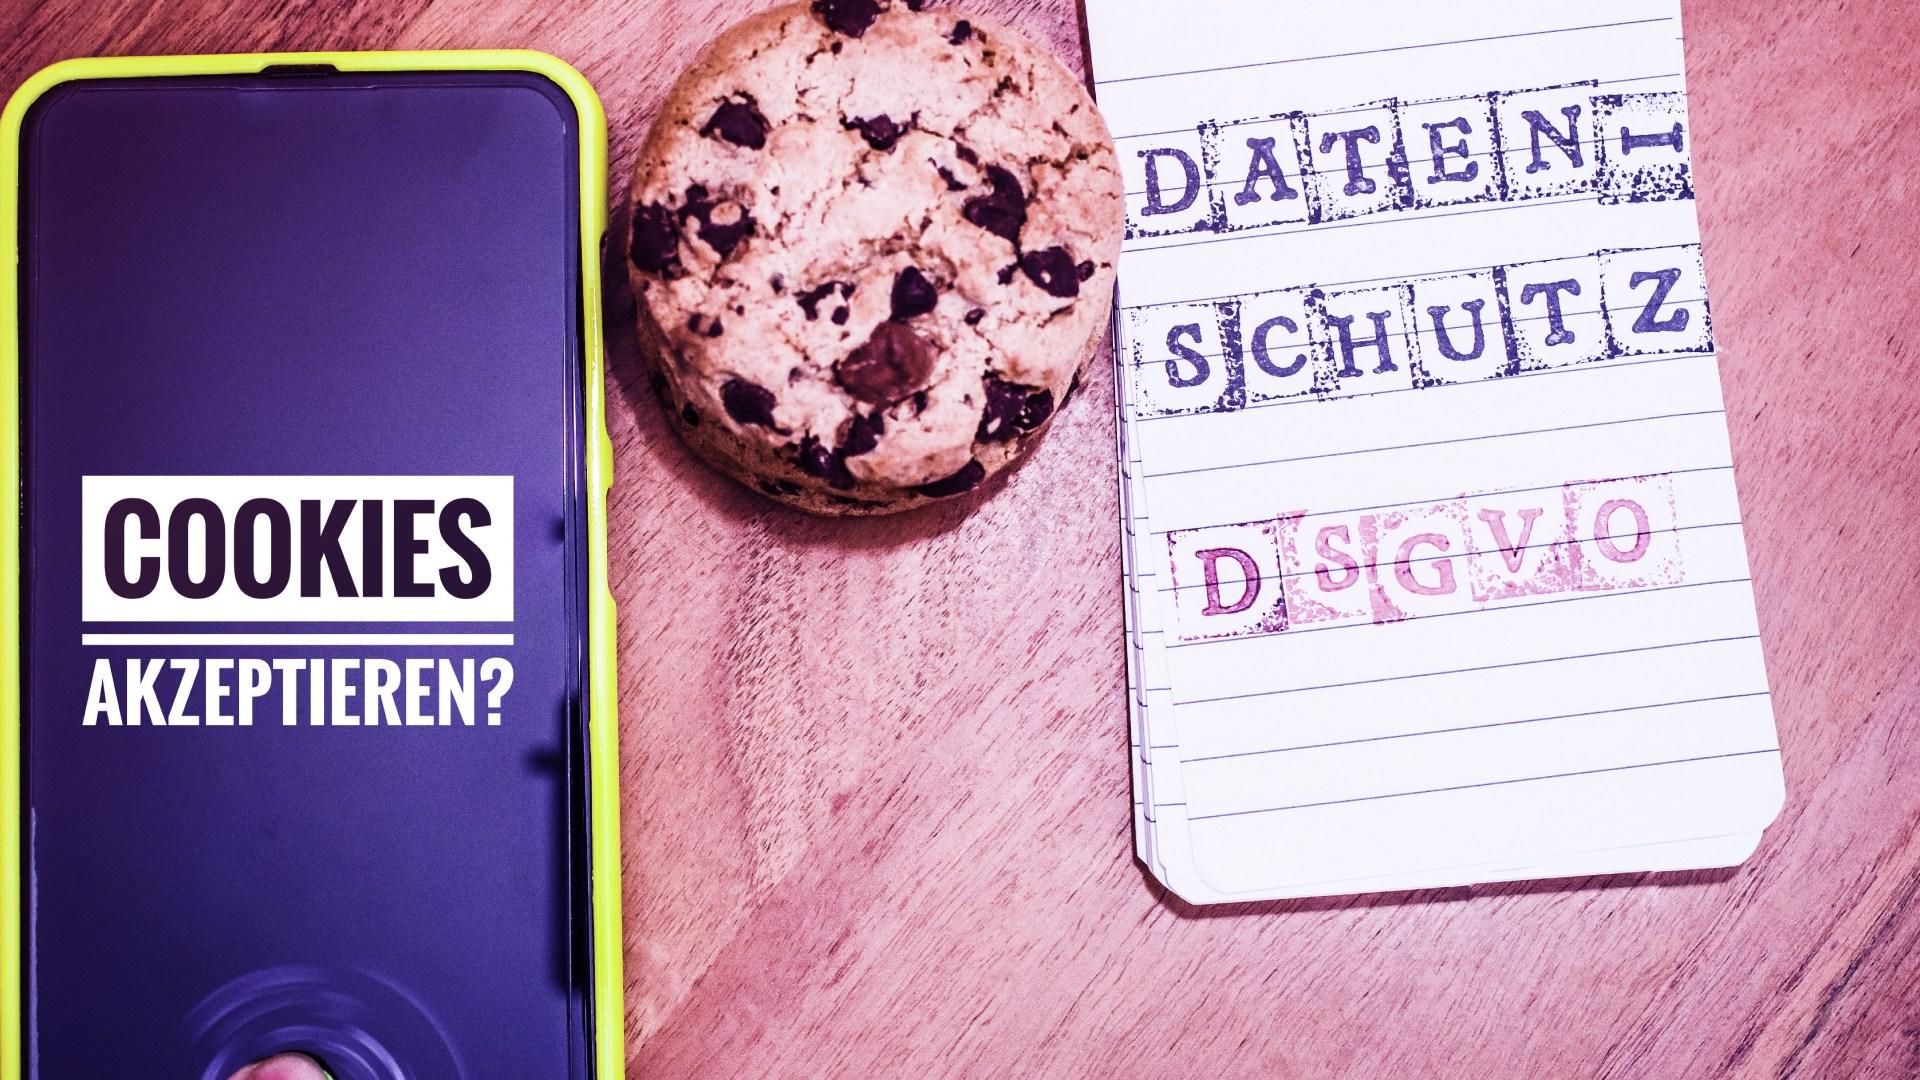 Browser, Datenschutz, Privatsphäre, Datenübertragung, DSGVO, Cookies, Cookie, Datenverarbeitung, Token, Cookie-Dialog, super-cookie, Keks, Flash-Cookies, GDPR, Trust Tokens, Cookie Banner, Cookie Auswahl, Cookie Verarbeitung